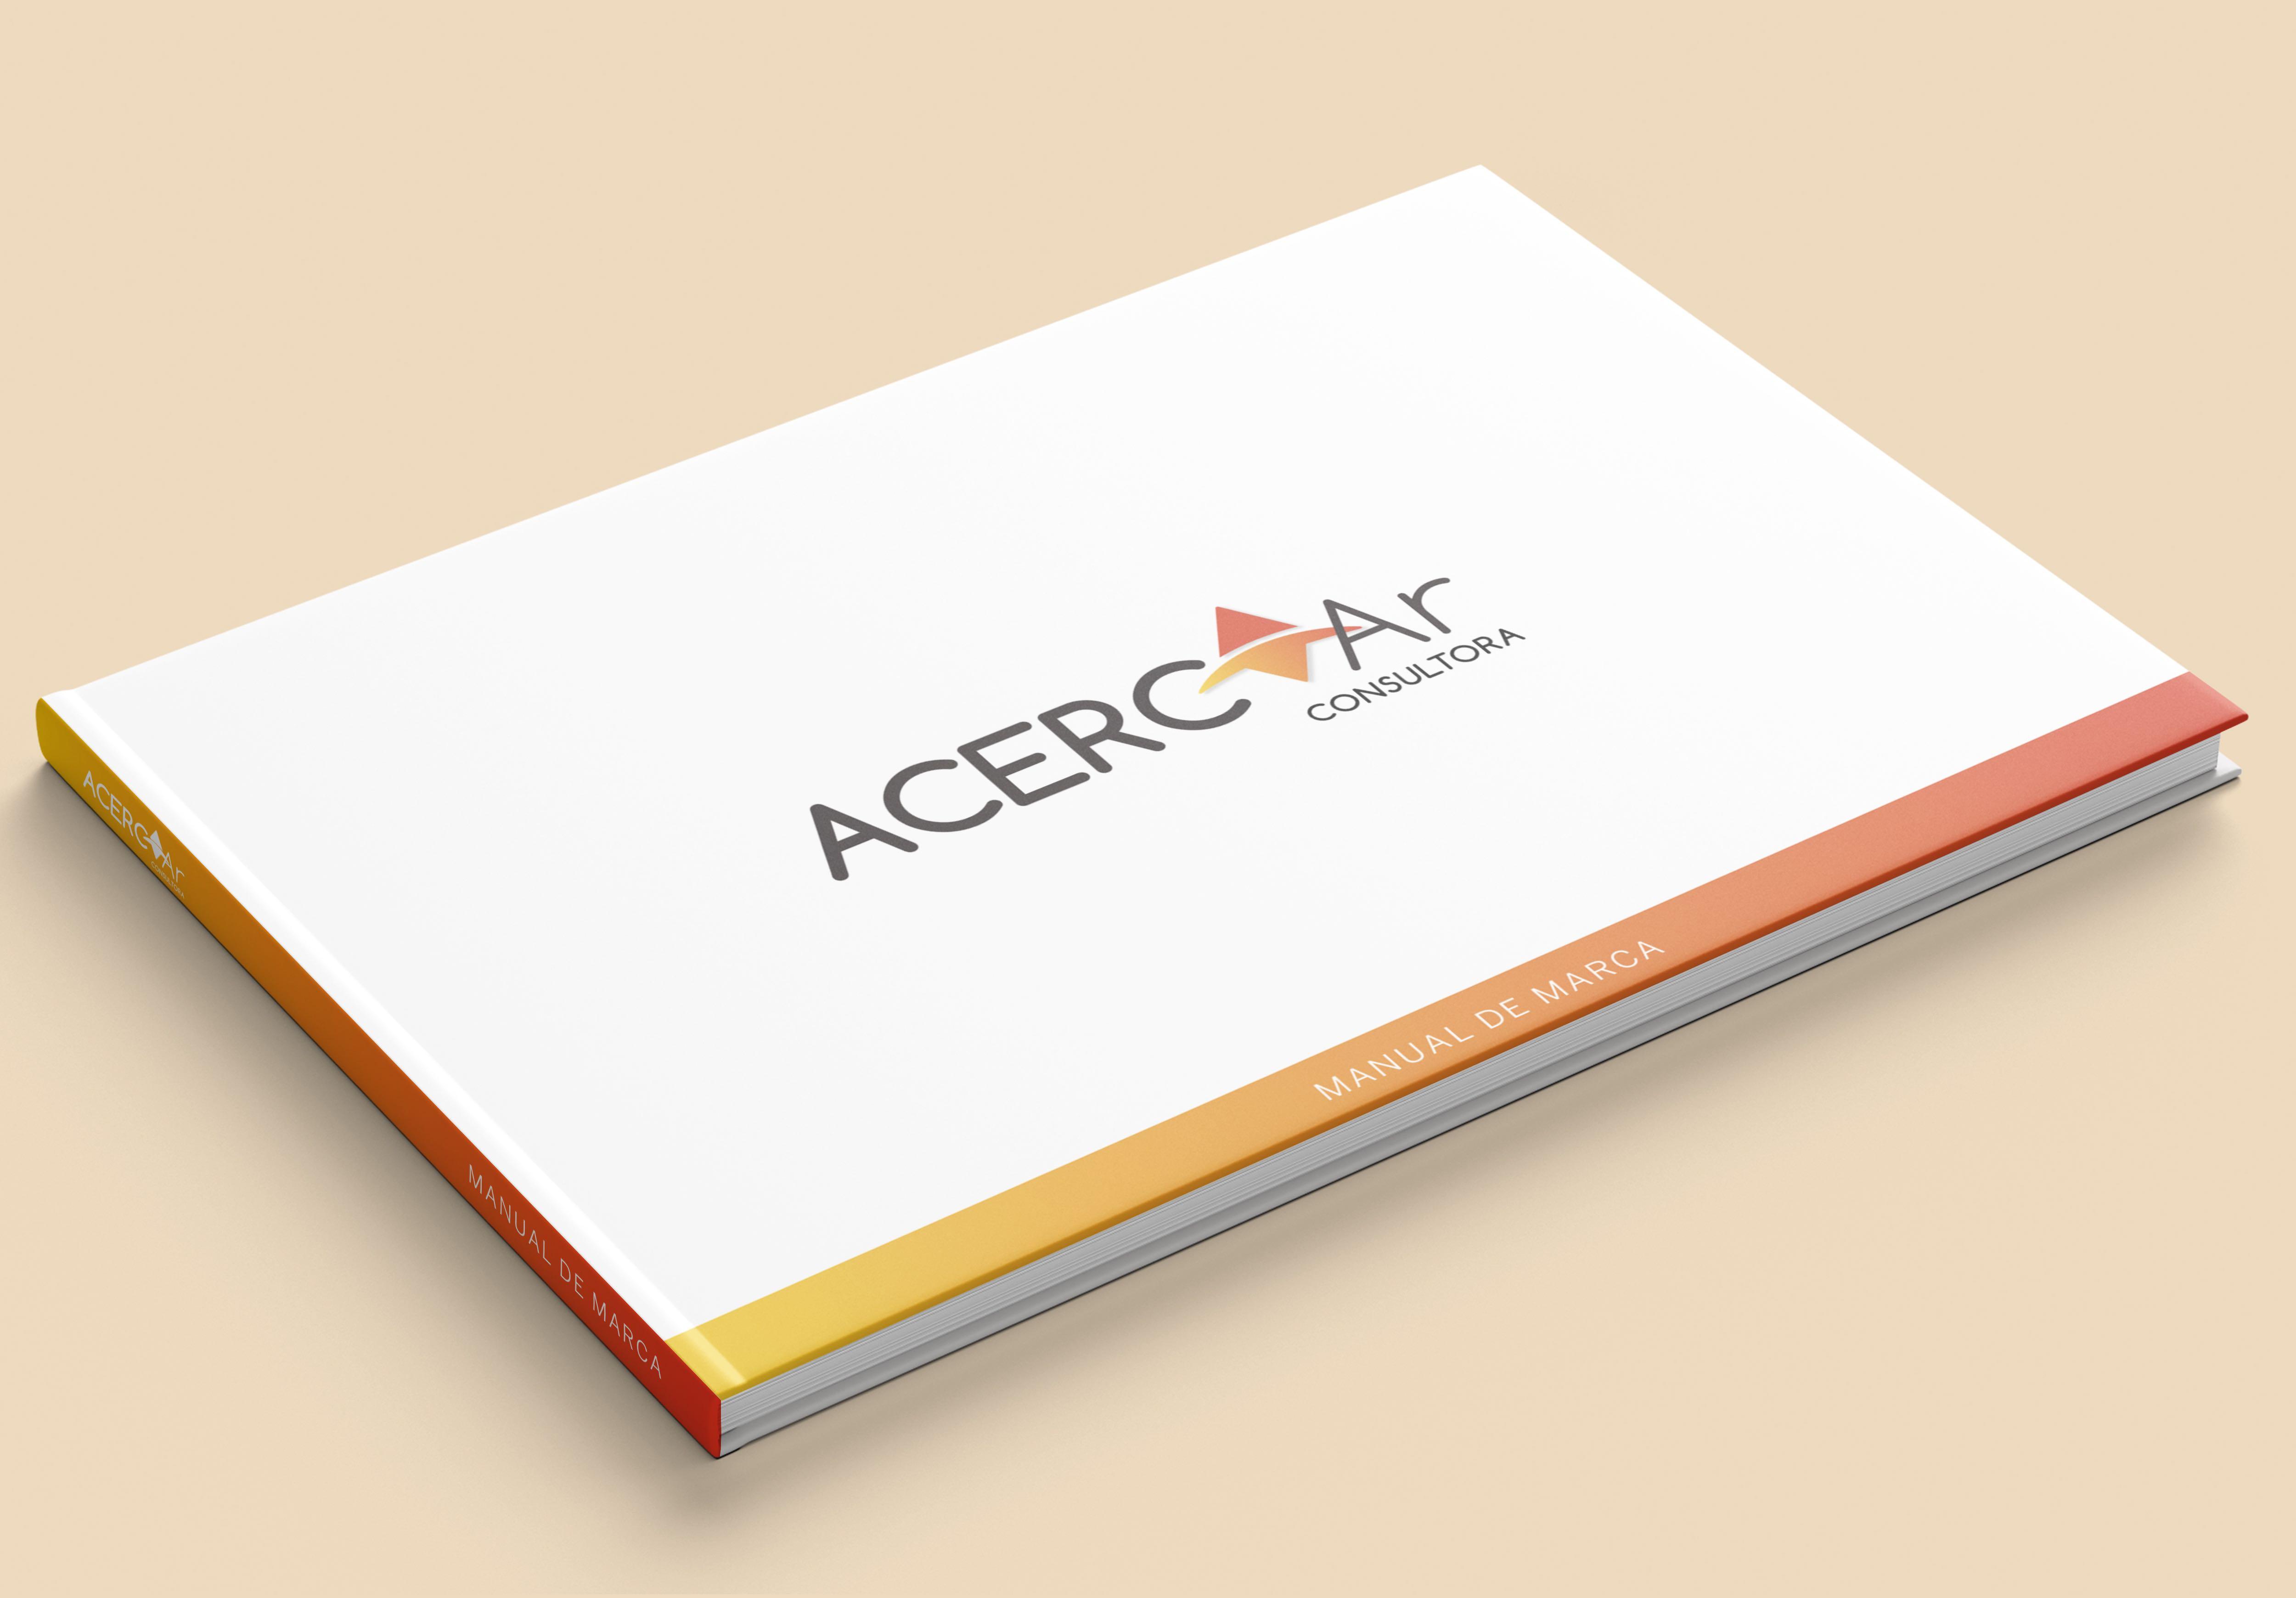 Marketing Digital Agencia Digital, Diseño de logotipo, diseno_de_logotipo_mejor_digital_4